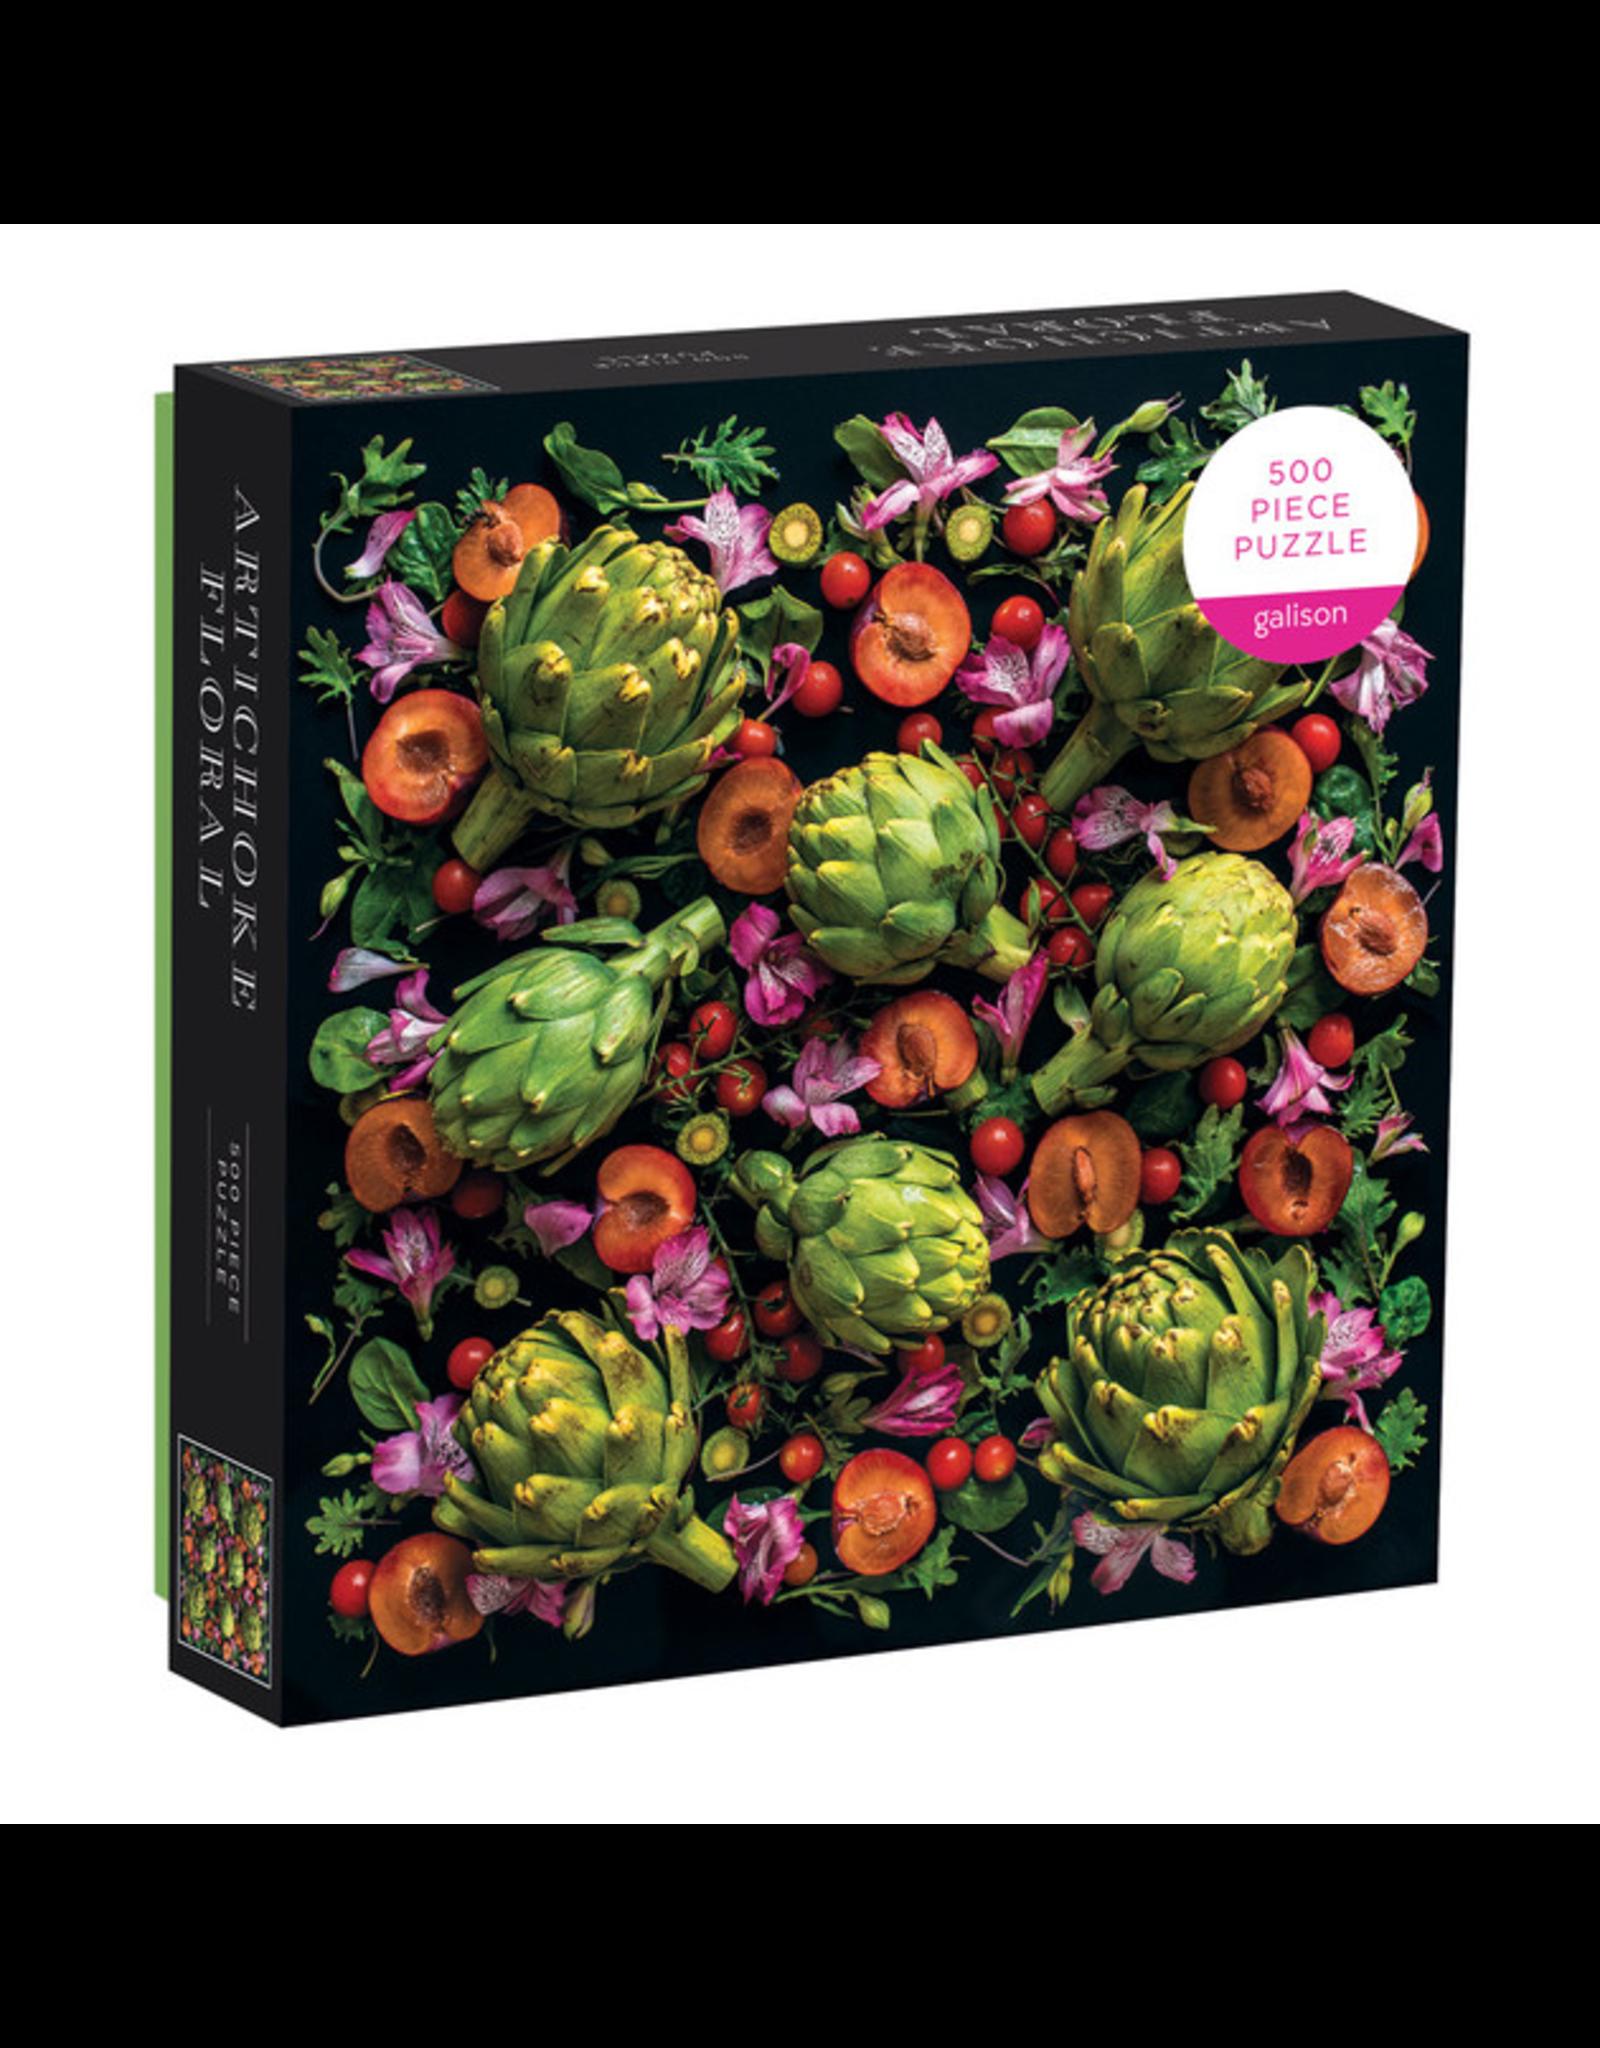 RST - Artichoke Floral 500 Piece Puzzle